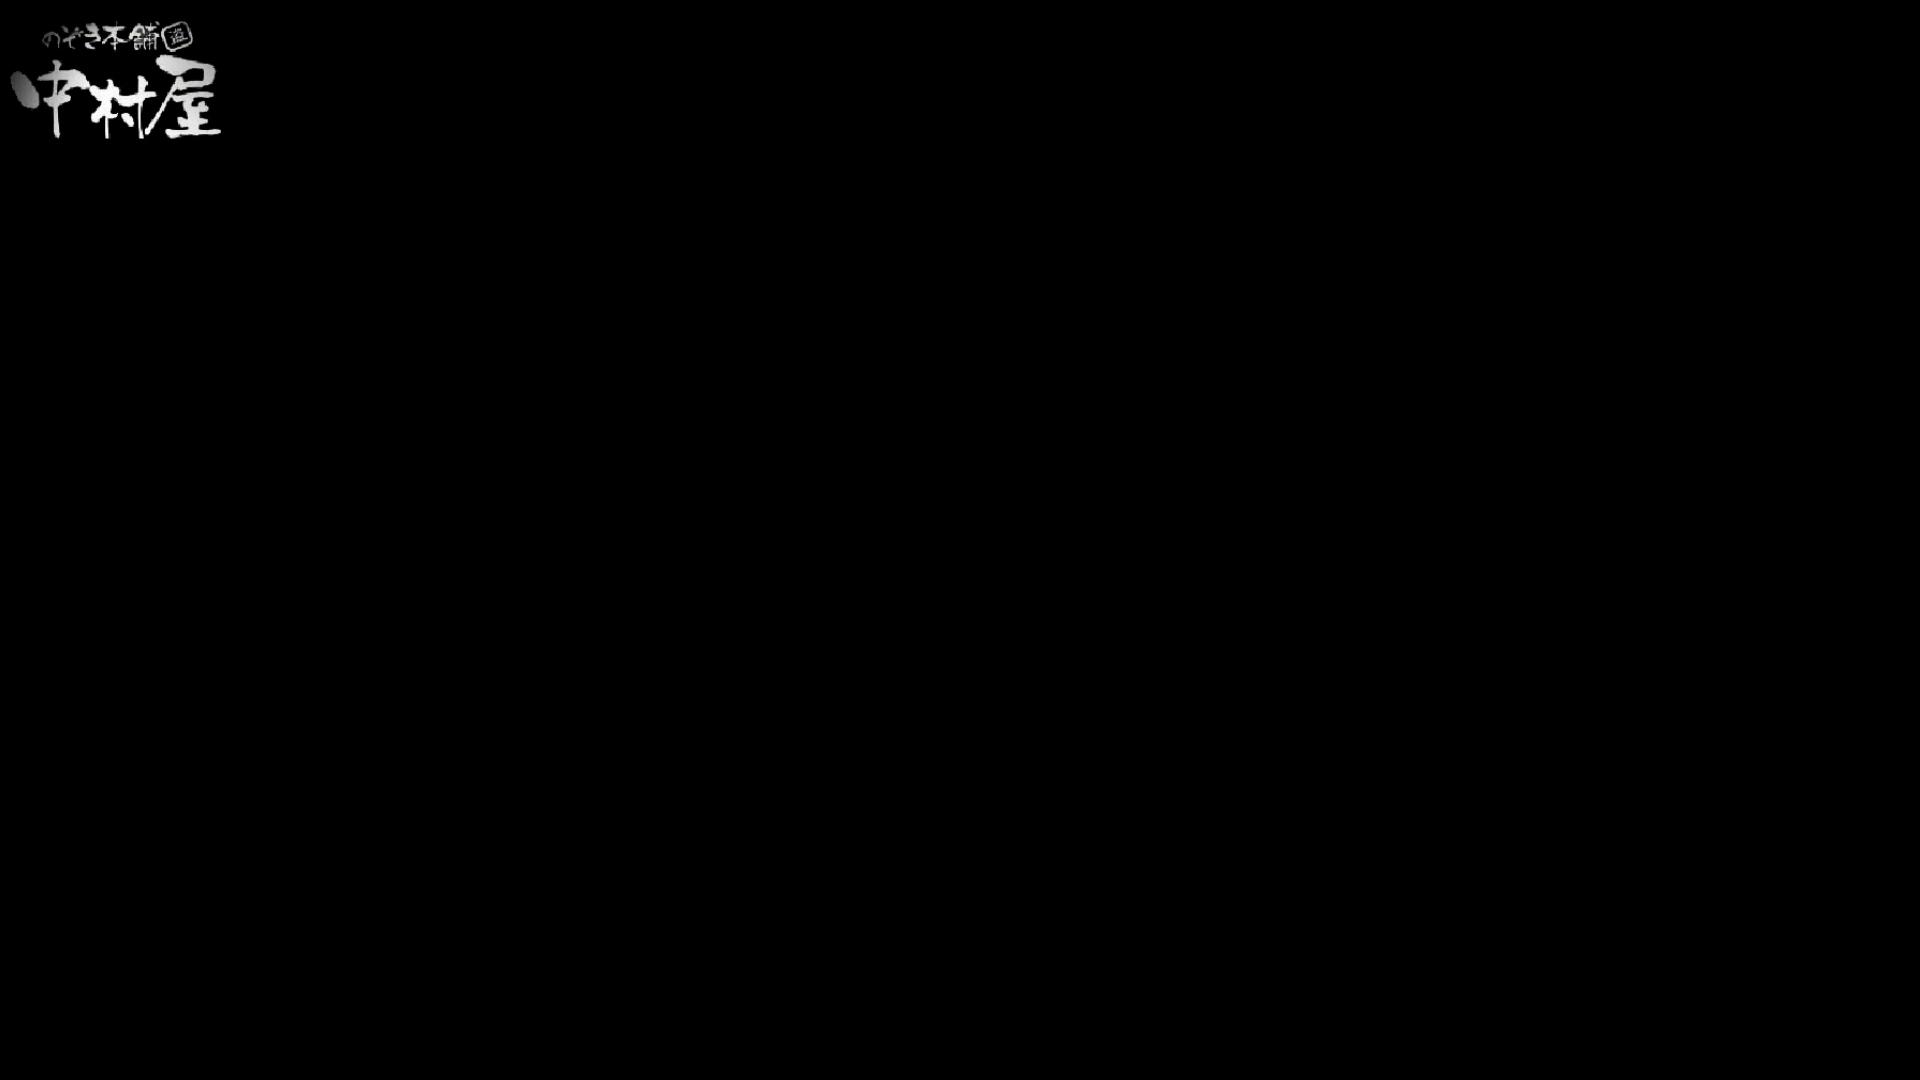 雅さんが厳選新年特別コンテンツ!激走!東京マラソン選手専用女子トイレvol.9 排泄隠し撮り 覗きおまんこ画像 101pic 9